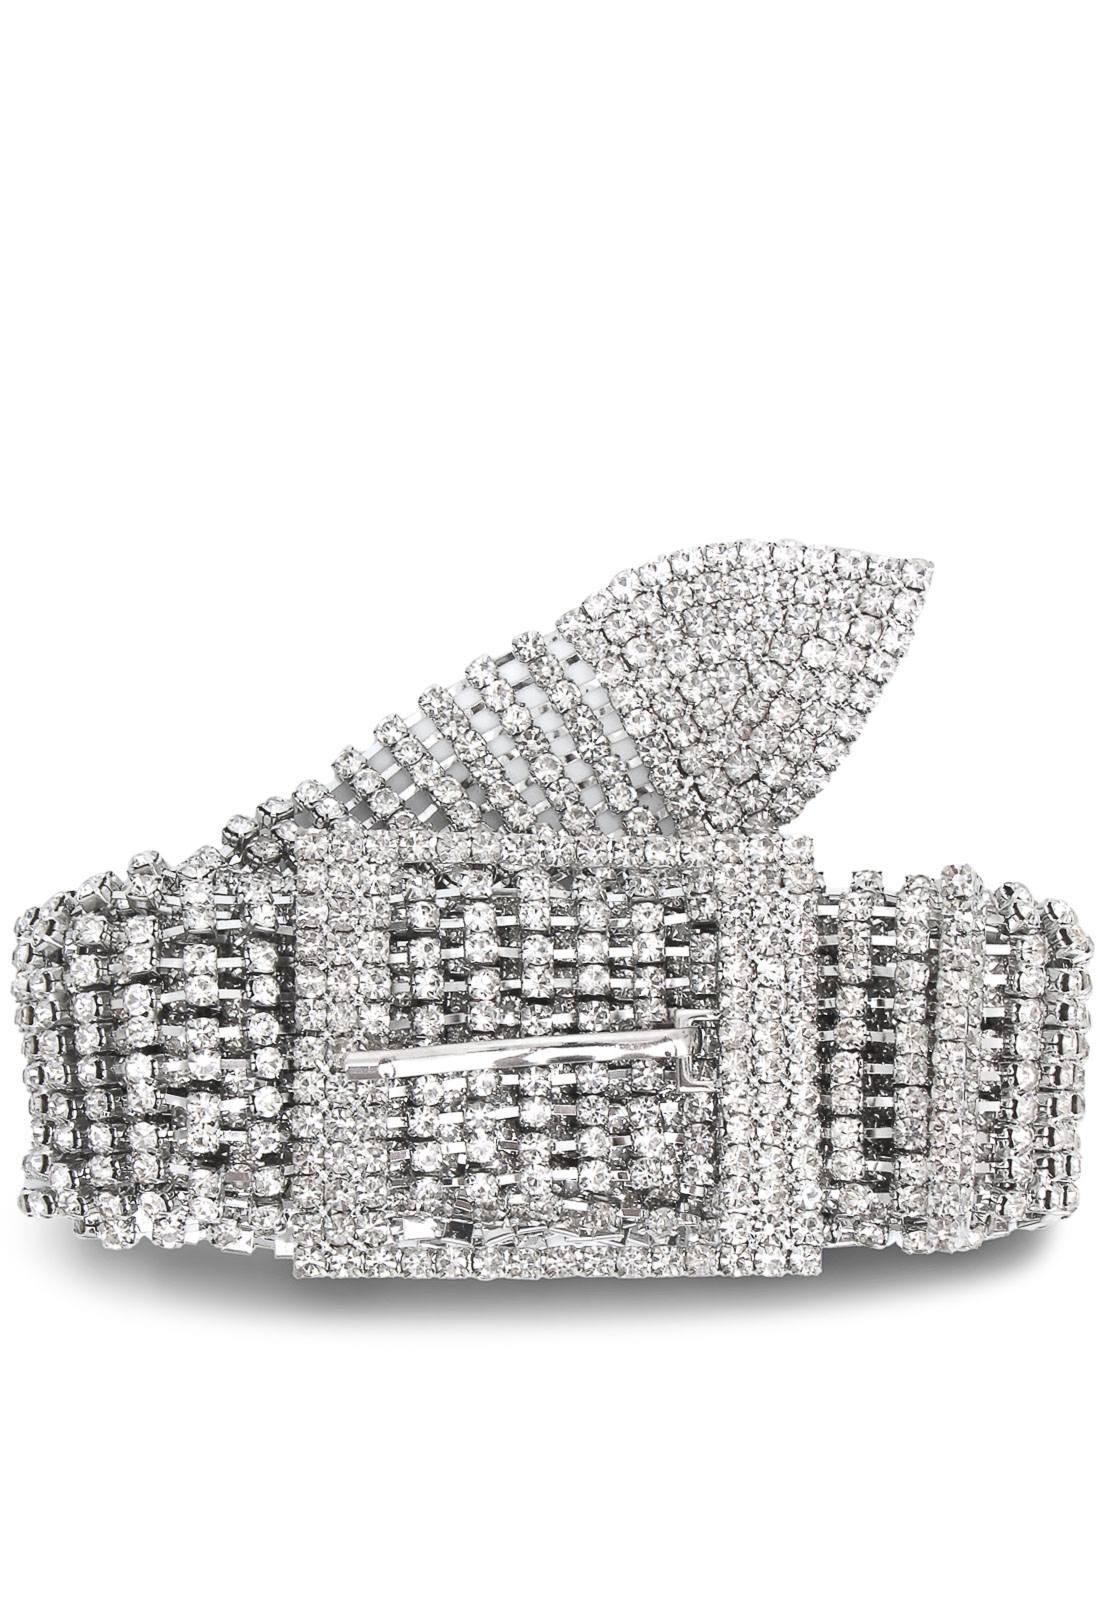 Cinto Strass Prata  - 3 cm - Cintos Exclusivos - Feminino